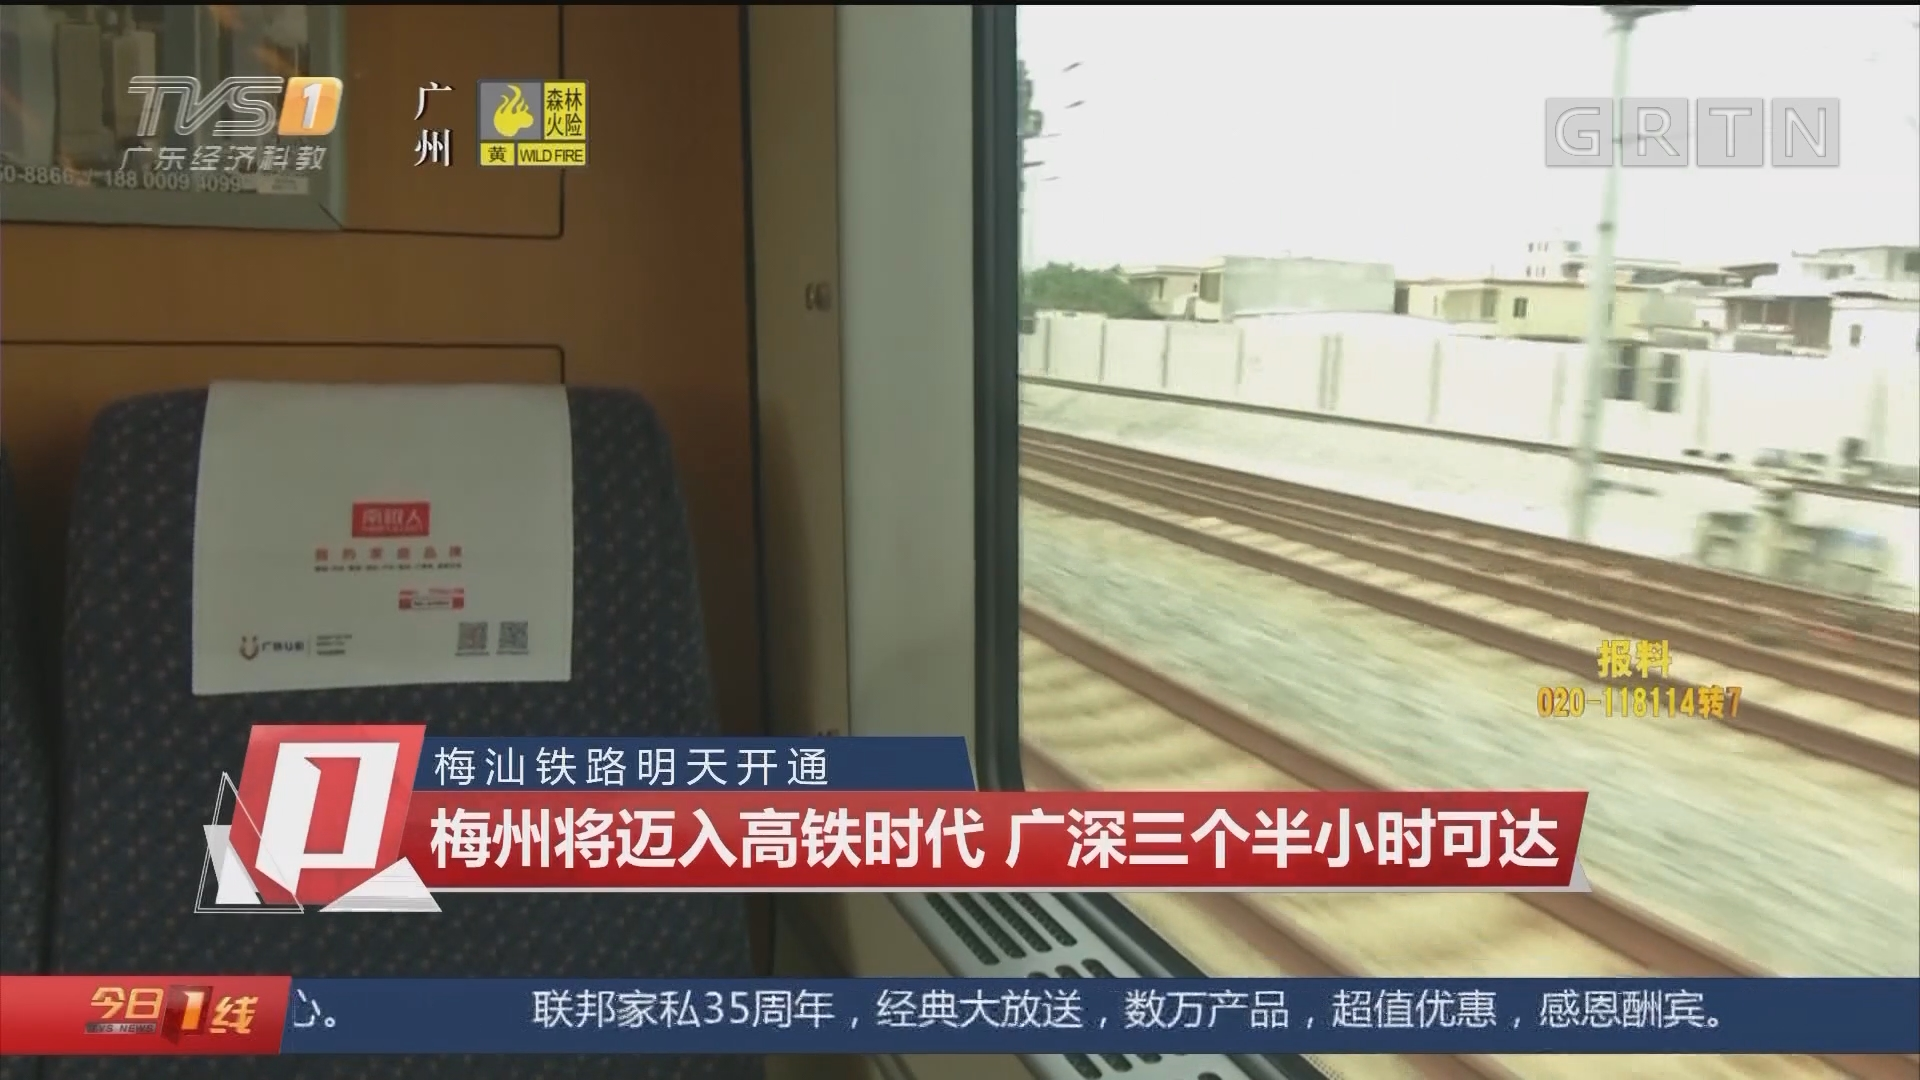 梅汕铁路明天开通:梅州将迈入高铁时代 广深三个半小时可达